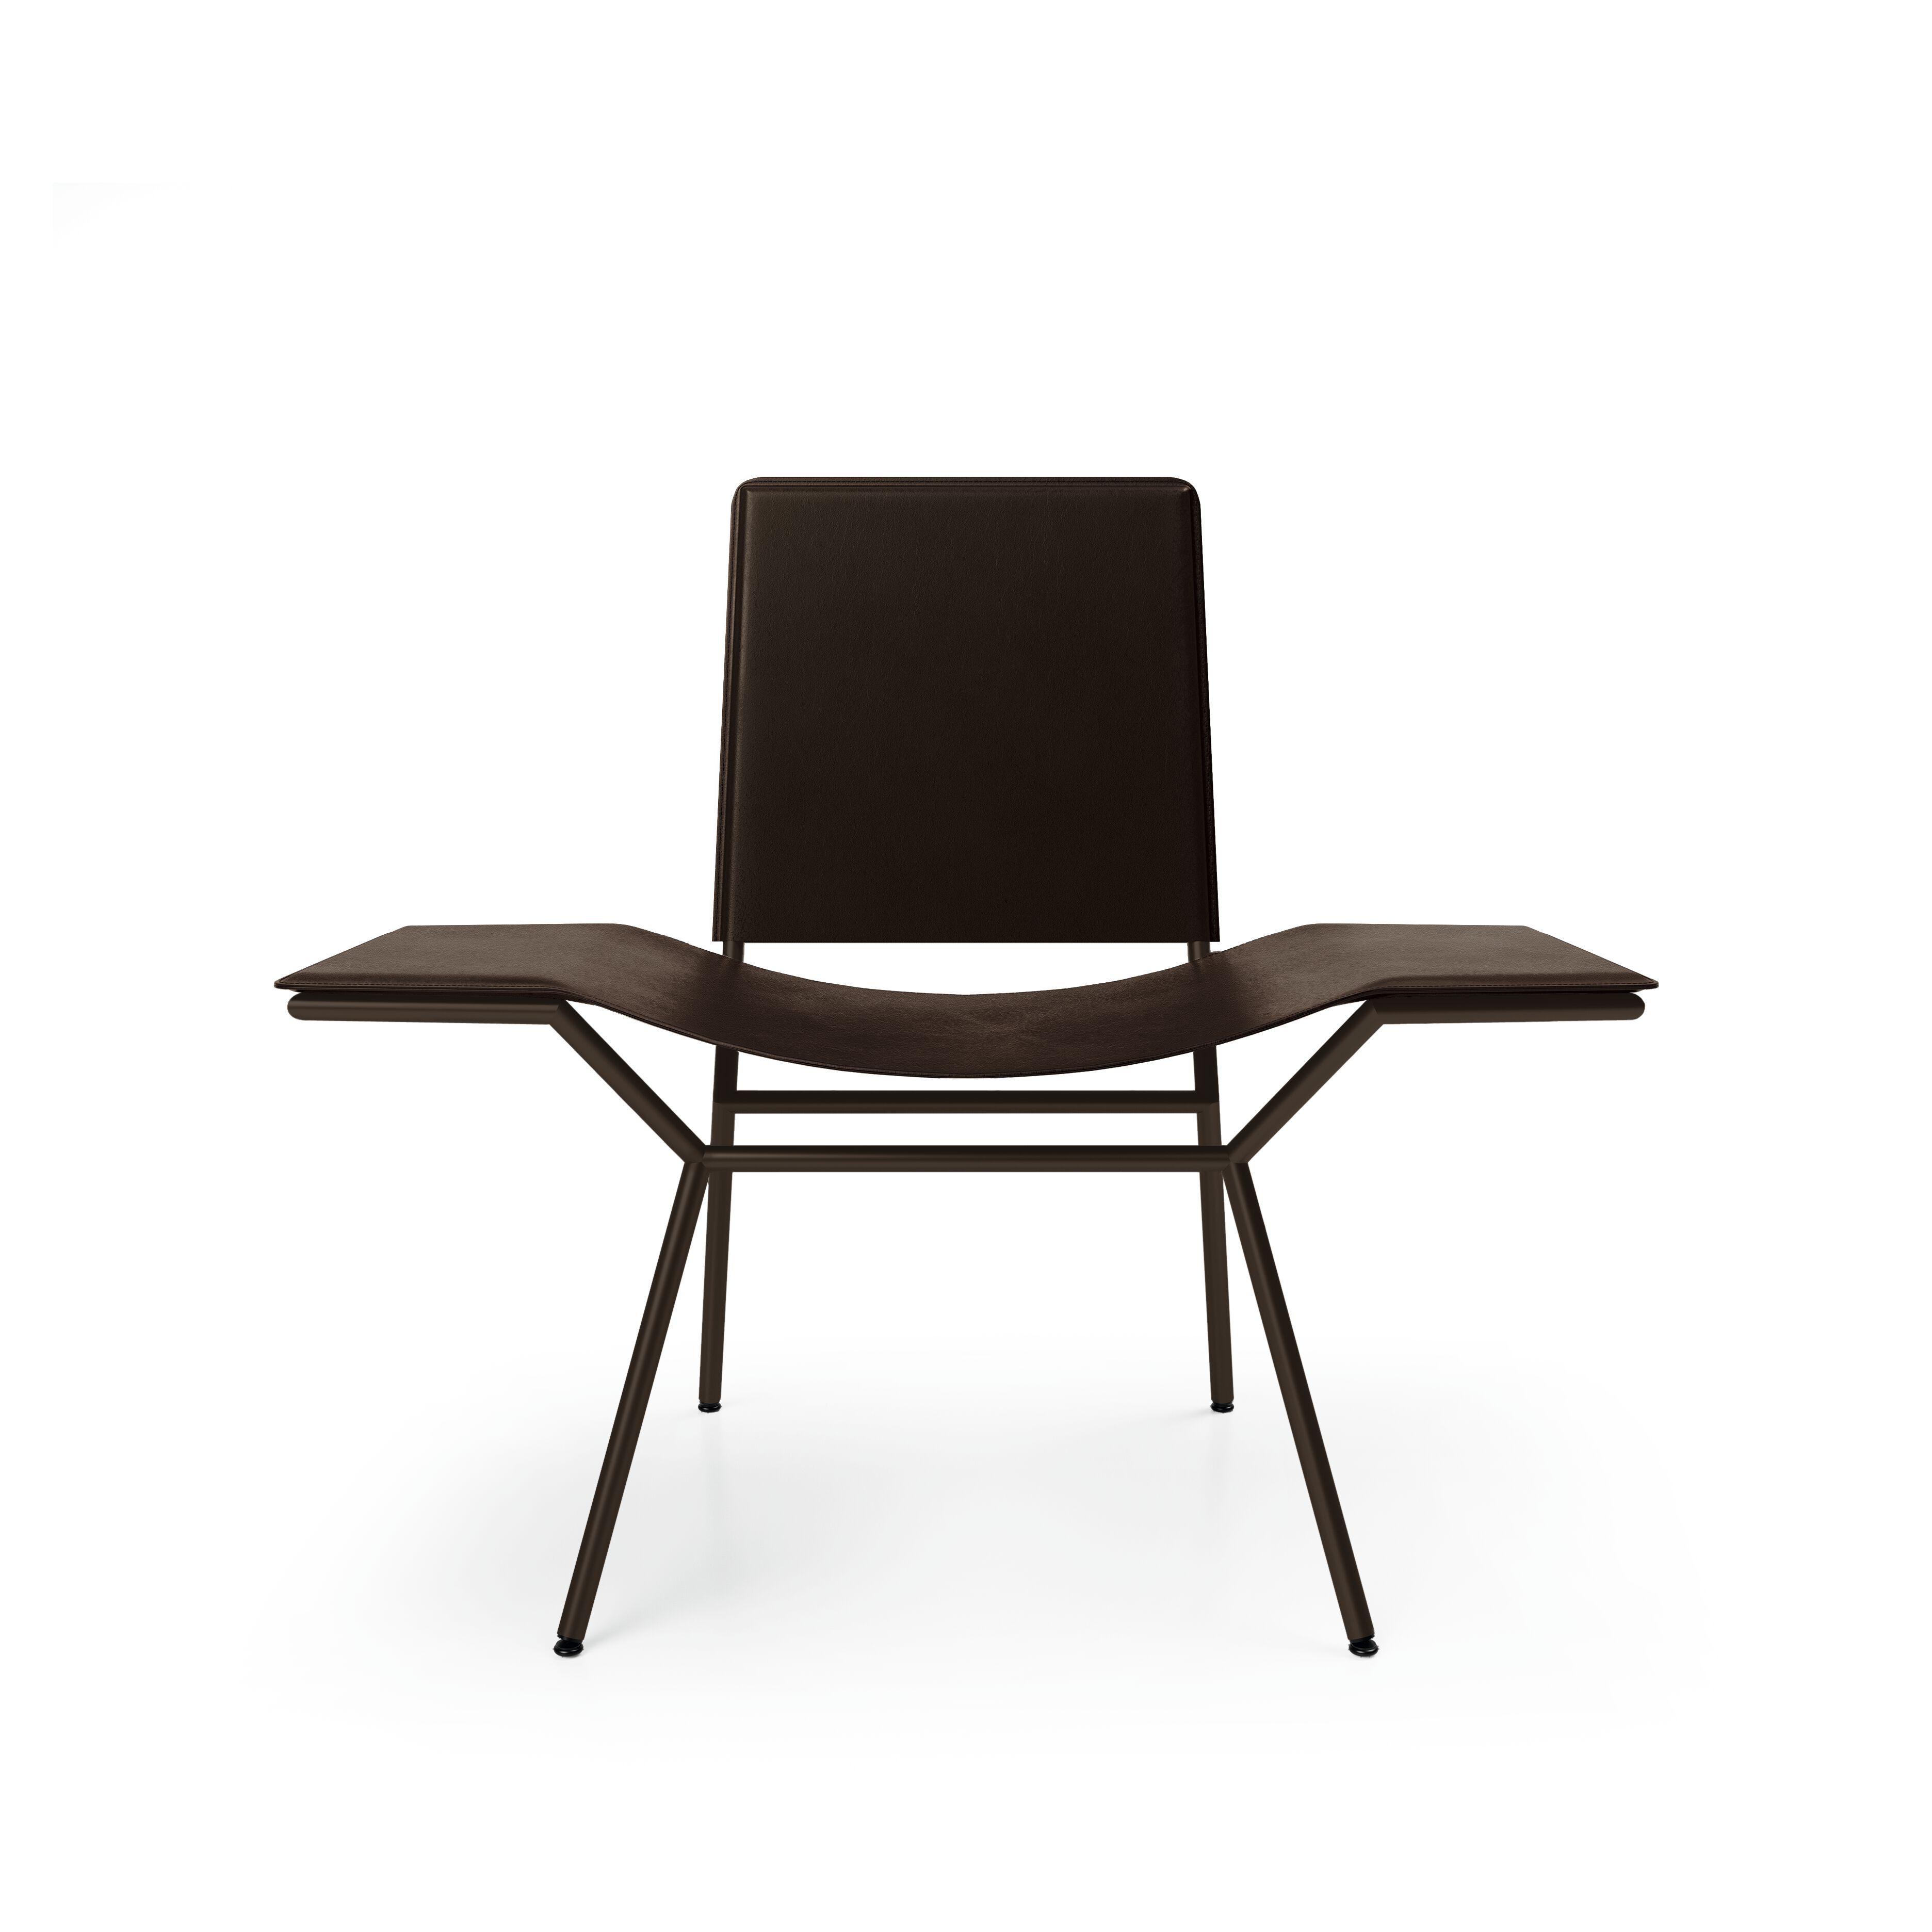 03_WK-Aisuu-Side-Chair-0003.tif